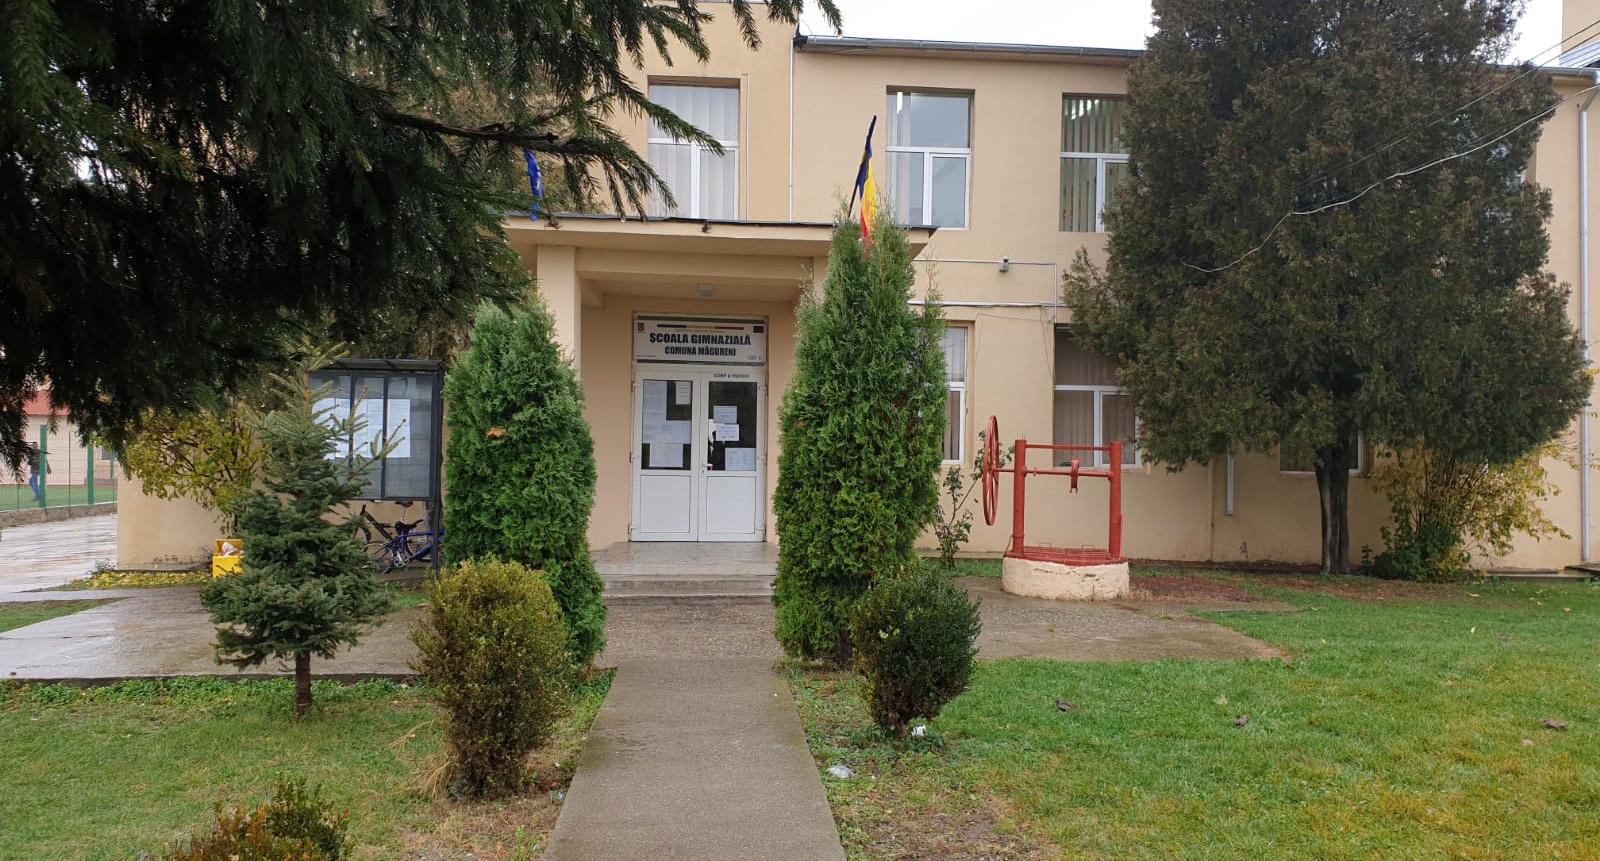 Școala Gimnazială Măgureni